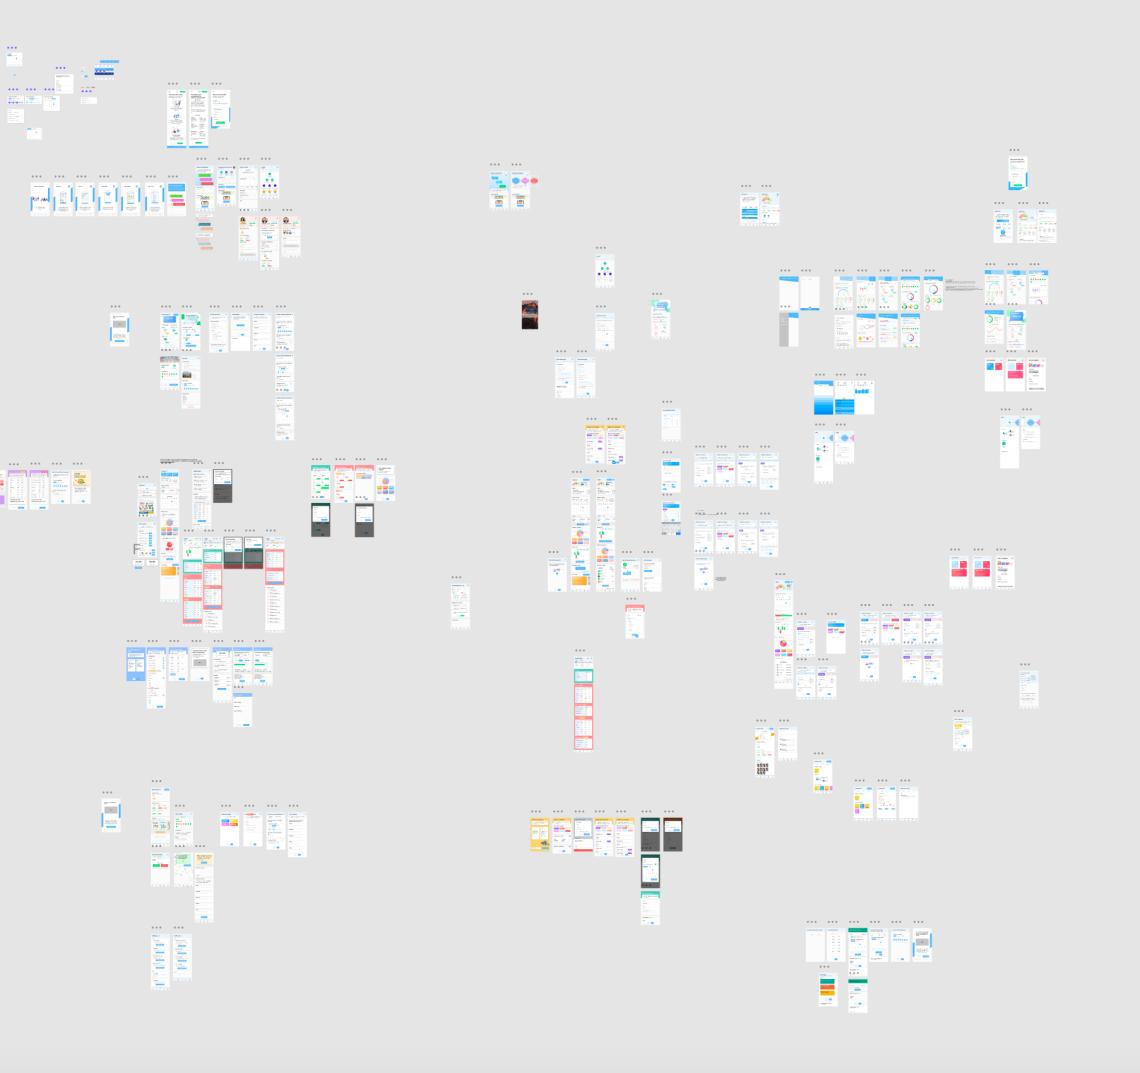 Screen Shot 2020-04-11 at 6.14.17 PM.png